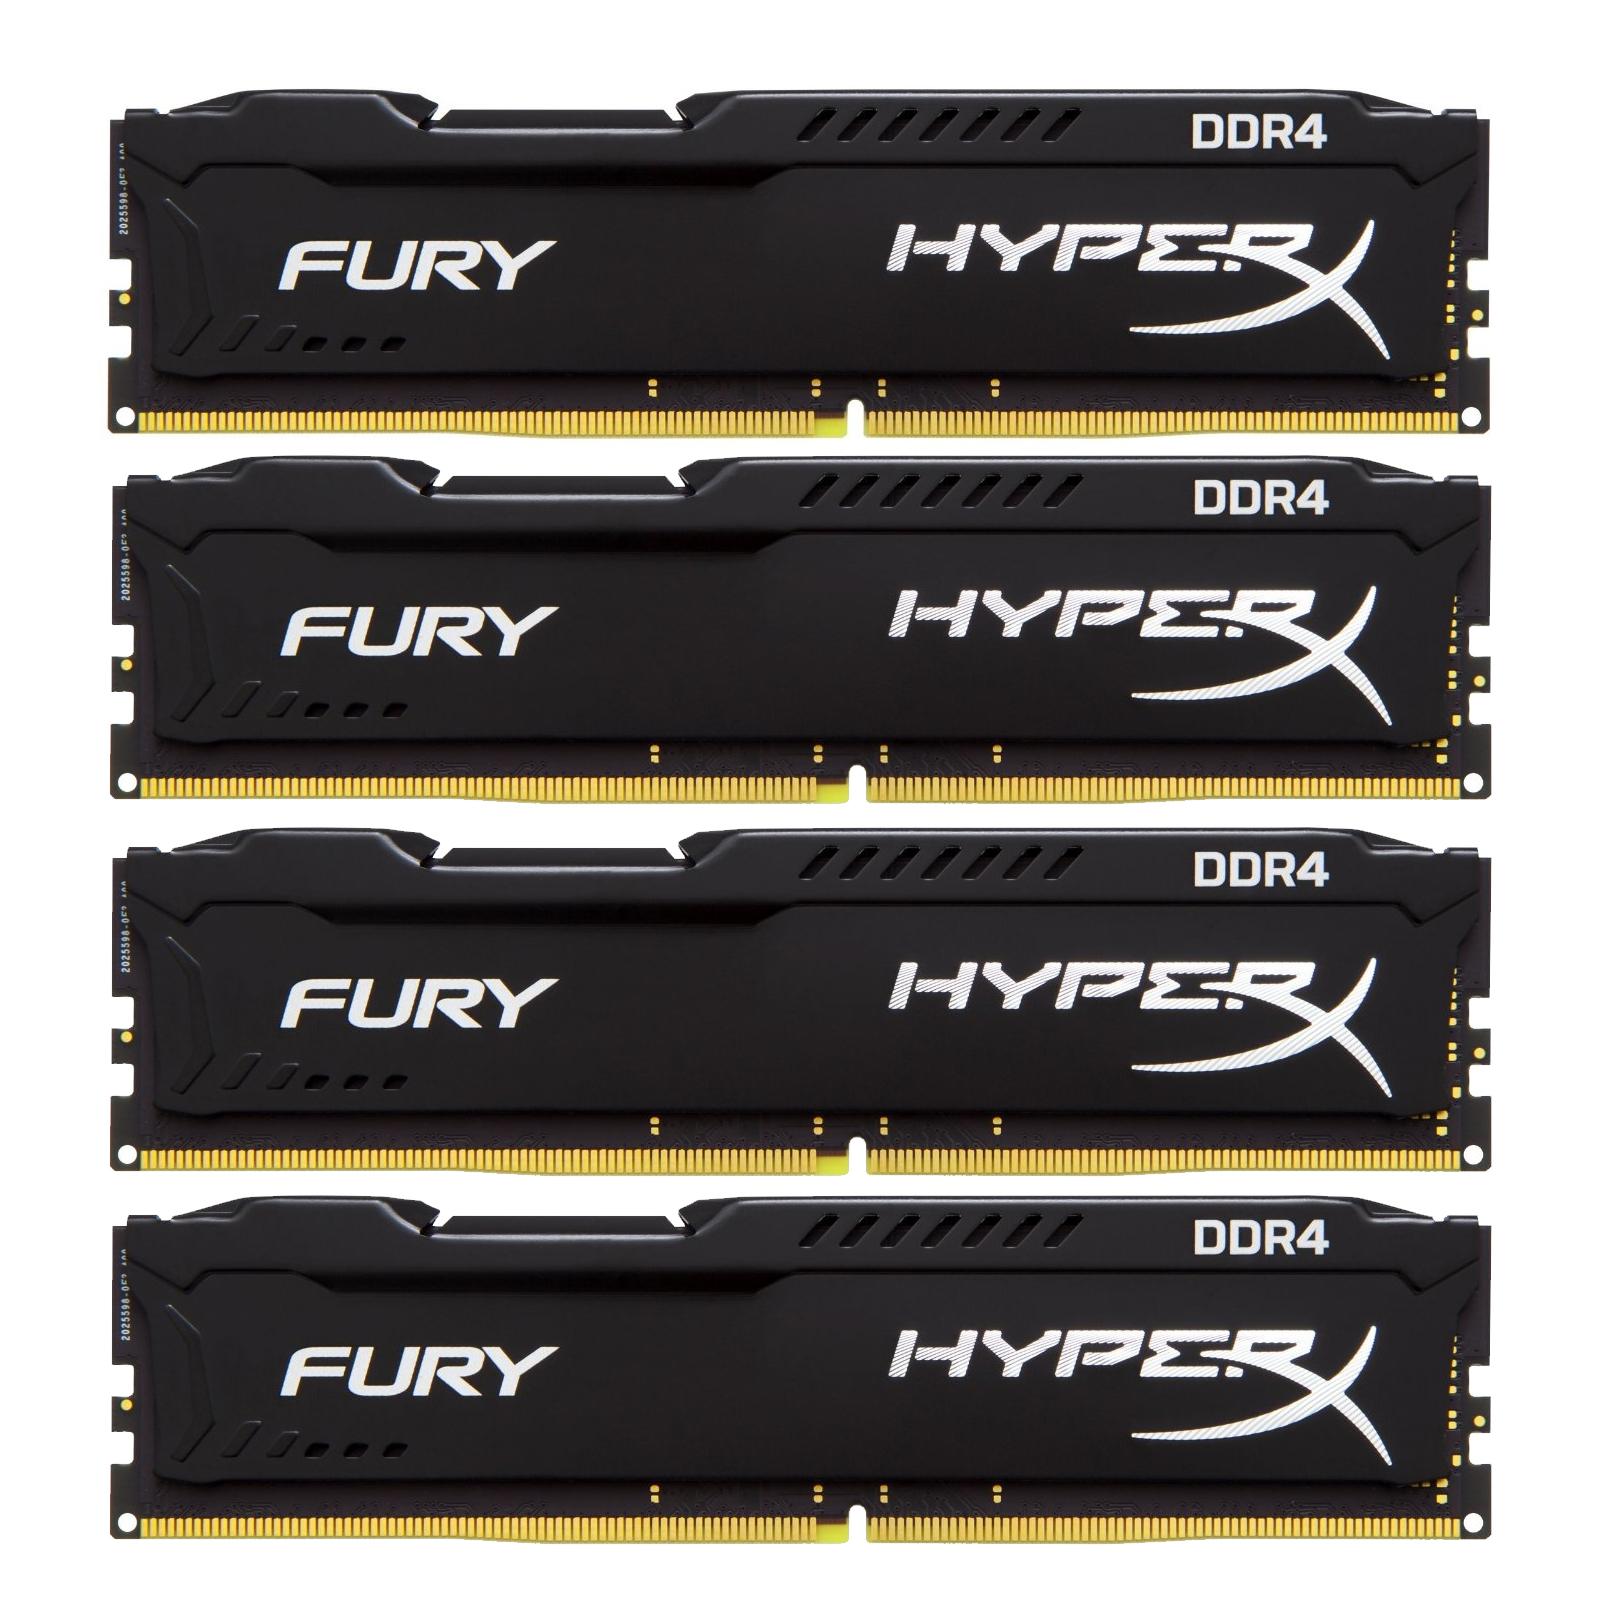 Модуль памяти для компьютера DDR4 64GB (4x16GB) 2133 MHz HyperX FURY Black Kingston (HX421C14FBK4/64)